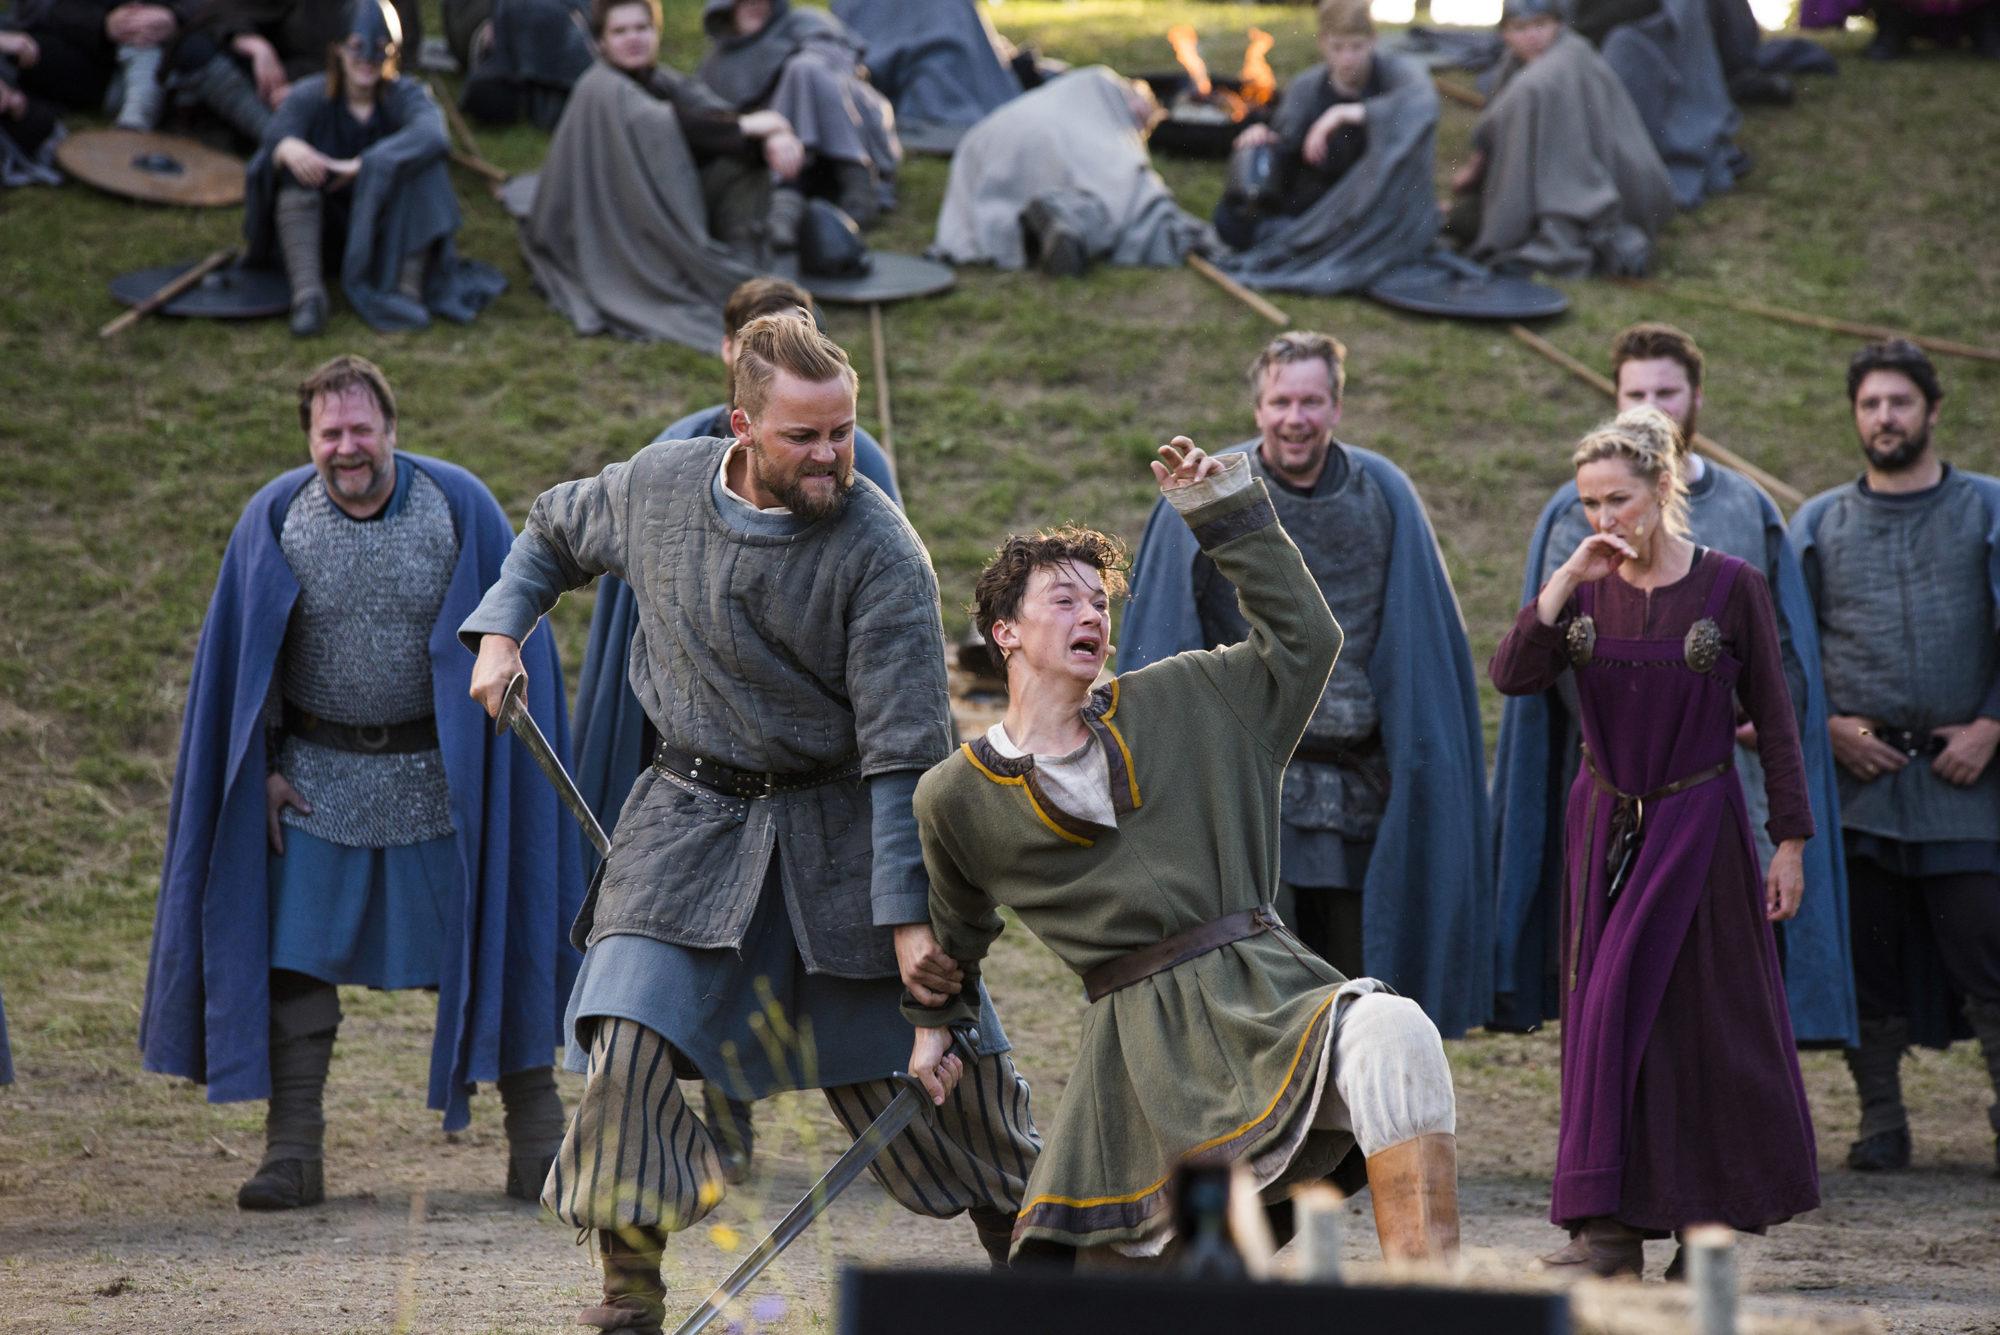 Forestilling Spelet om Heilag Olav spilles i juli hvert år på Stiklestad Nasjonale Kultursenter. Bildet er fra oppsetningen i 2017. Foto: Espen Storhaug.